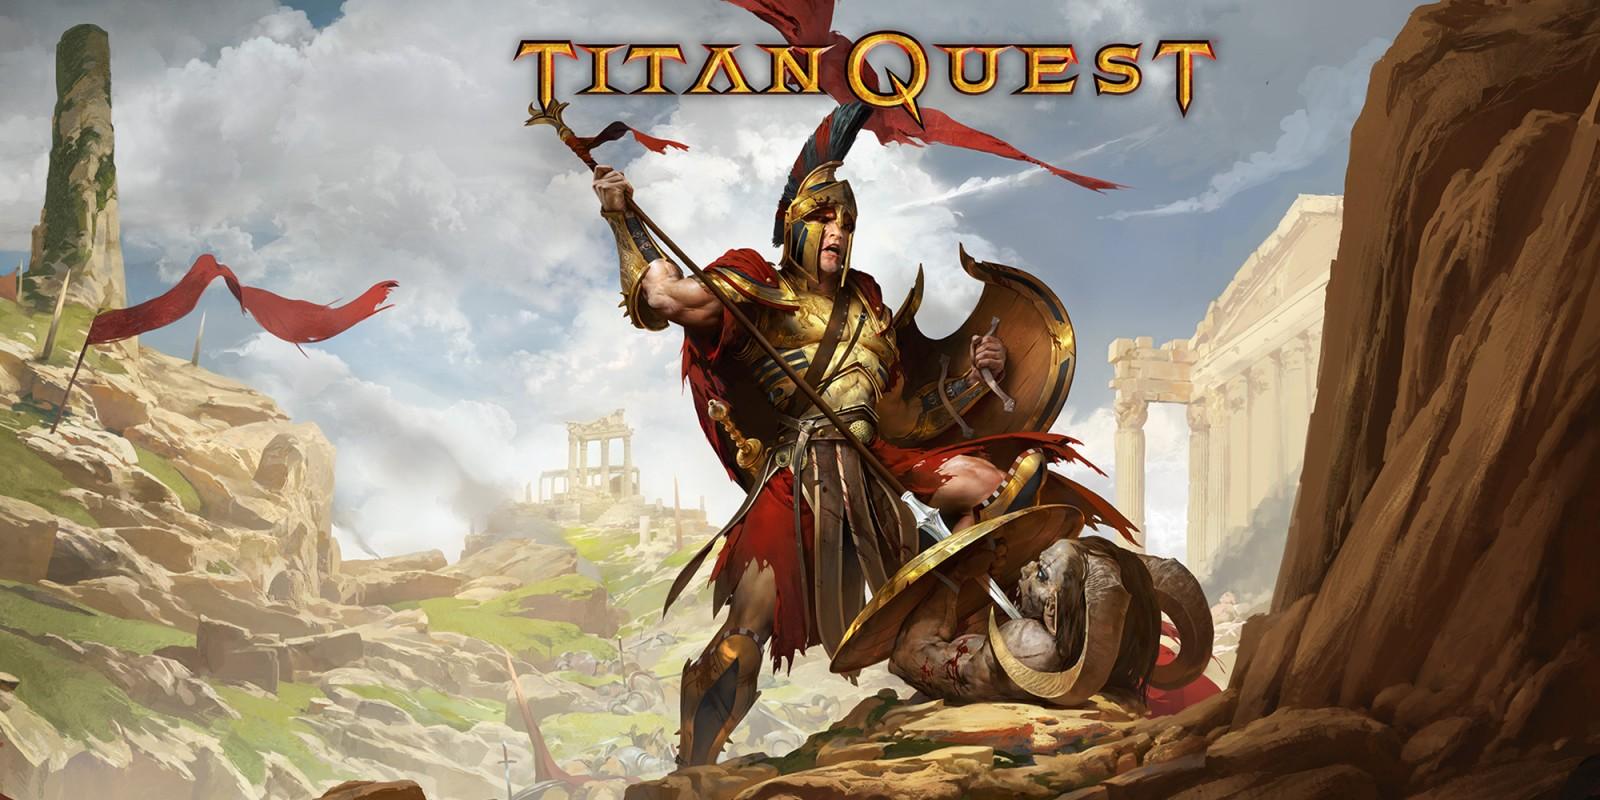 Titan Quest inspirado en la mitología.